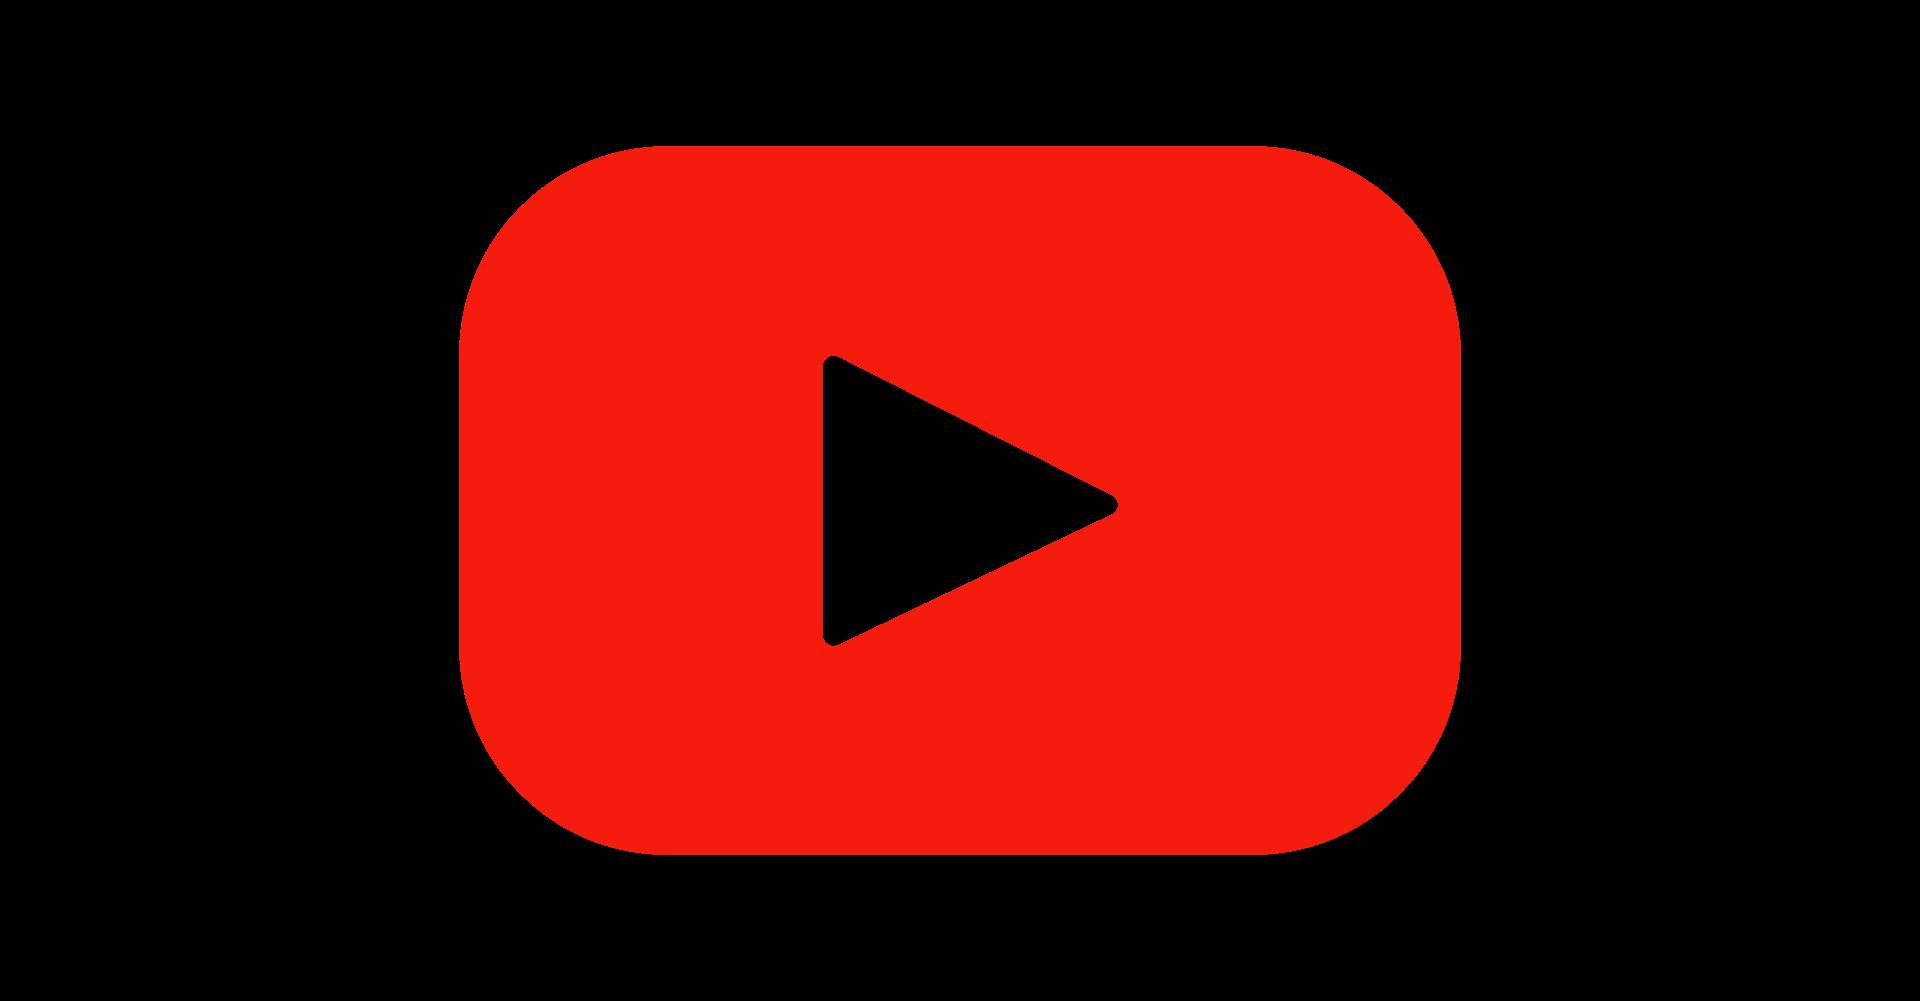 עמוד YouTube - מכללת BPM